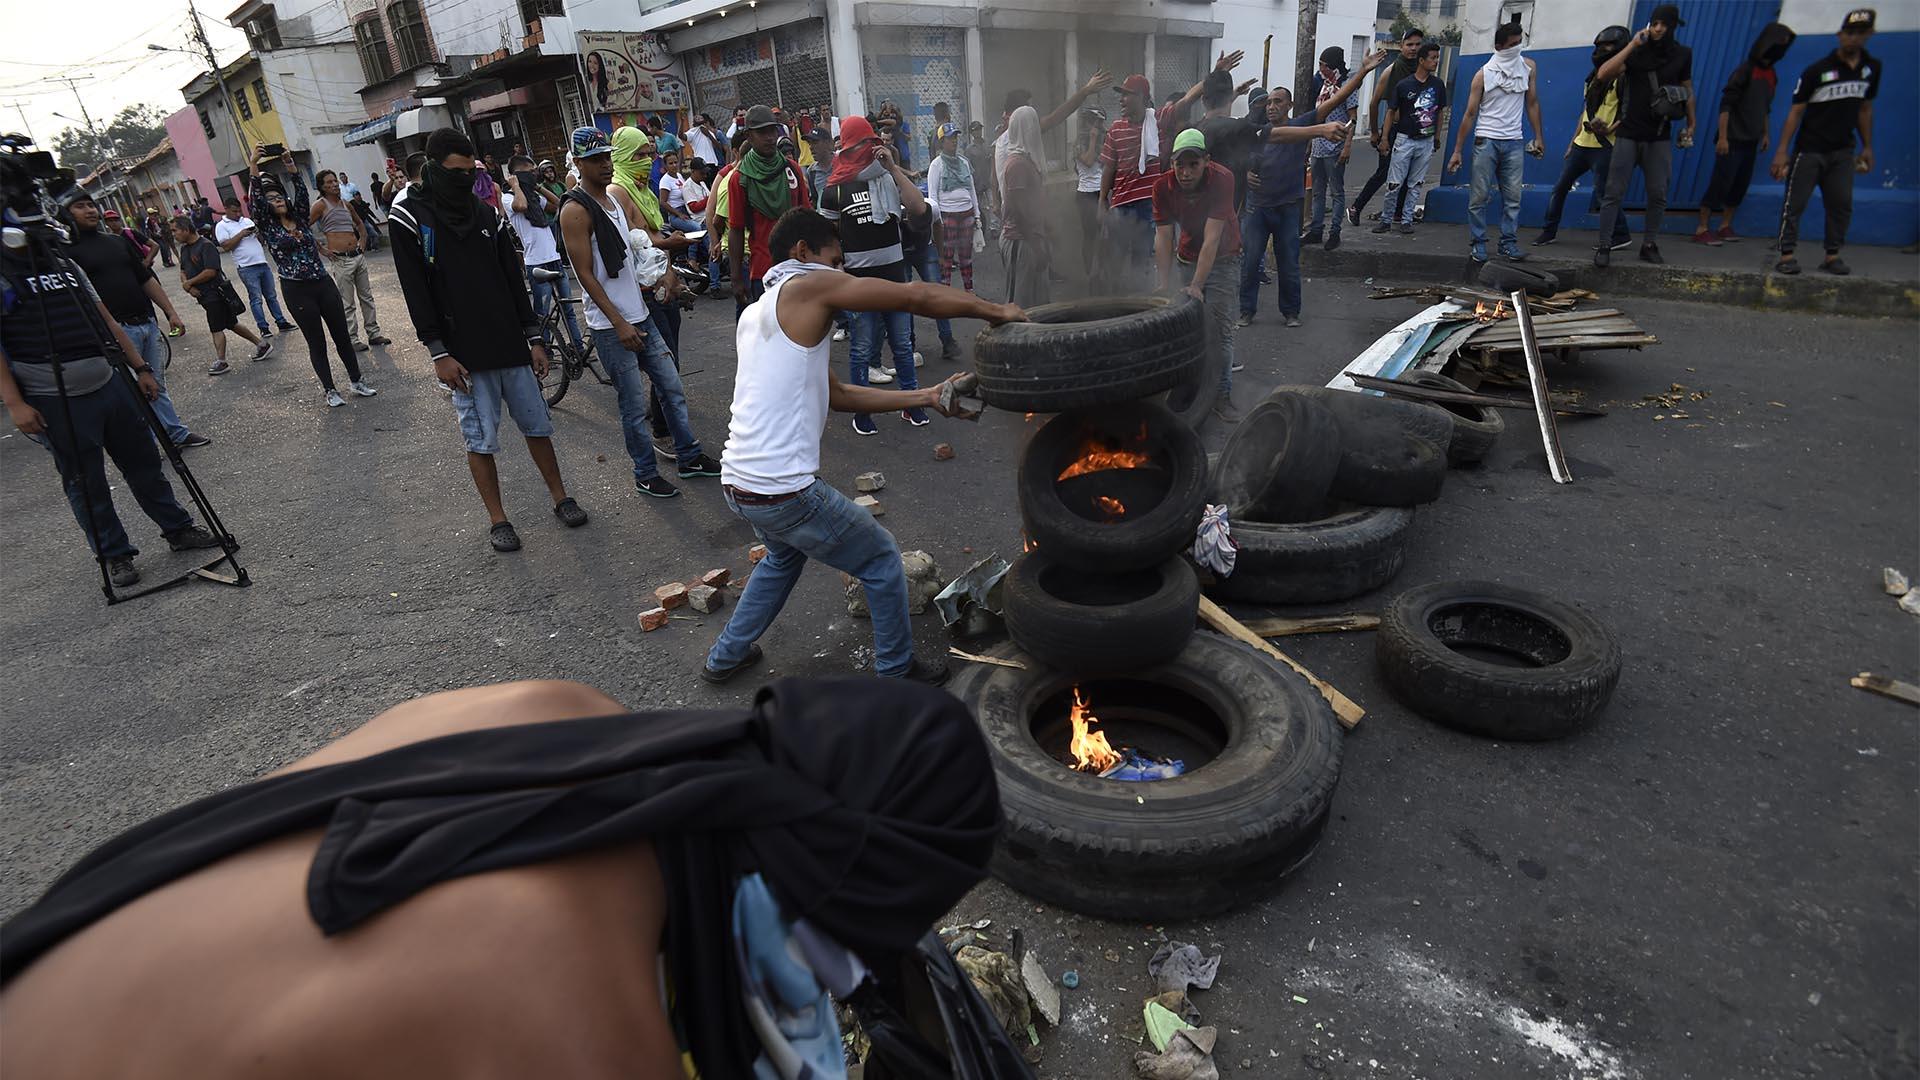 Los venezolanos se enfrentan a guardias nacionales en la ciudad fronteriza de Ureña luego de que el gobierno de Maduro ordenara cerrar temporalmente la frontera con Colombia (AFP)